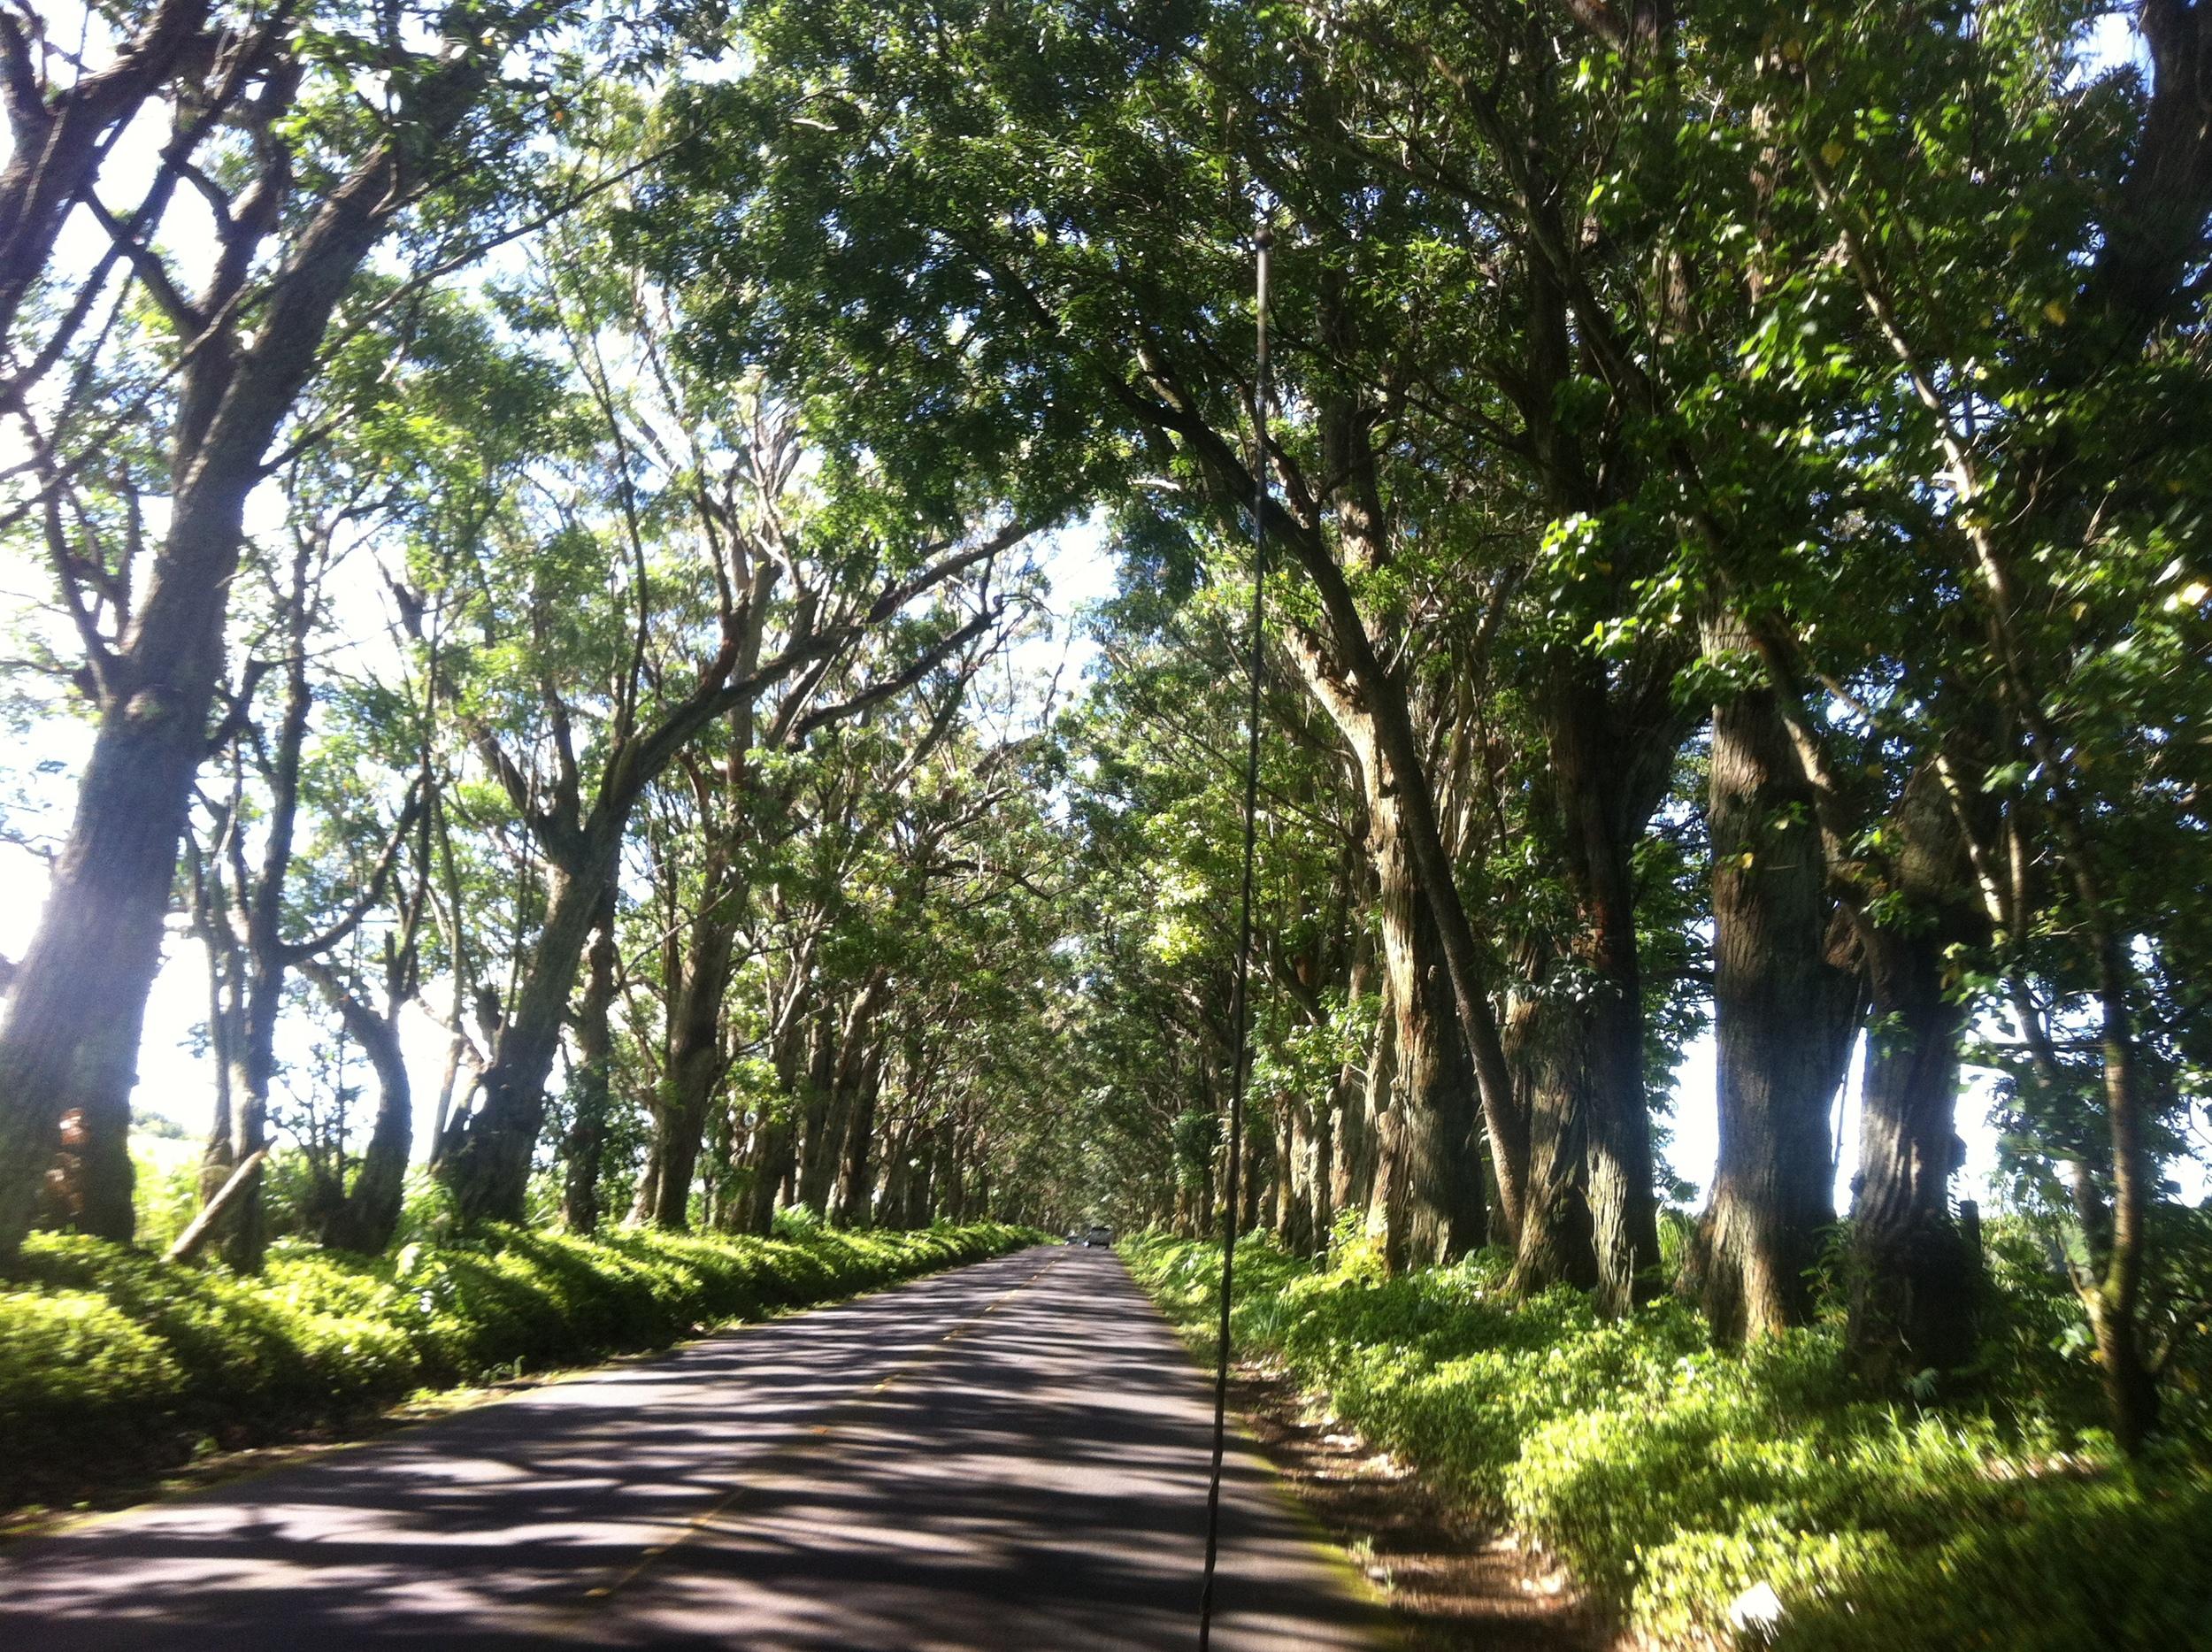 Tunnel of trees, Koloa, HI.